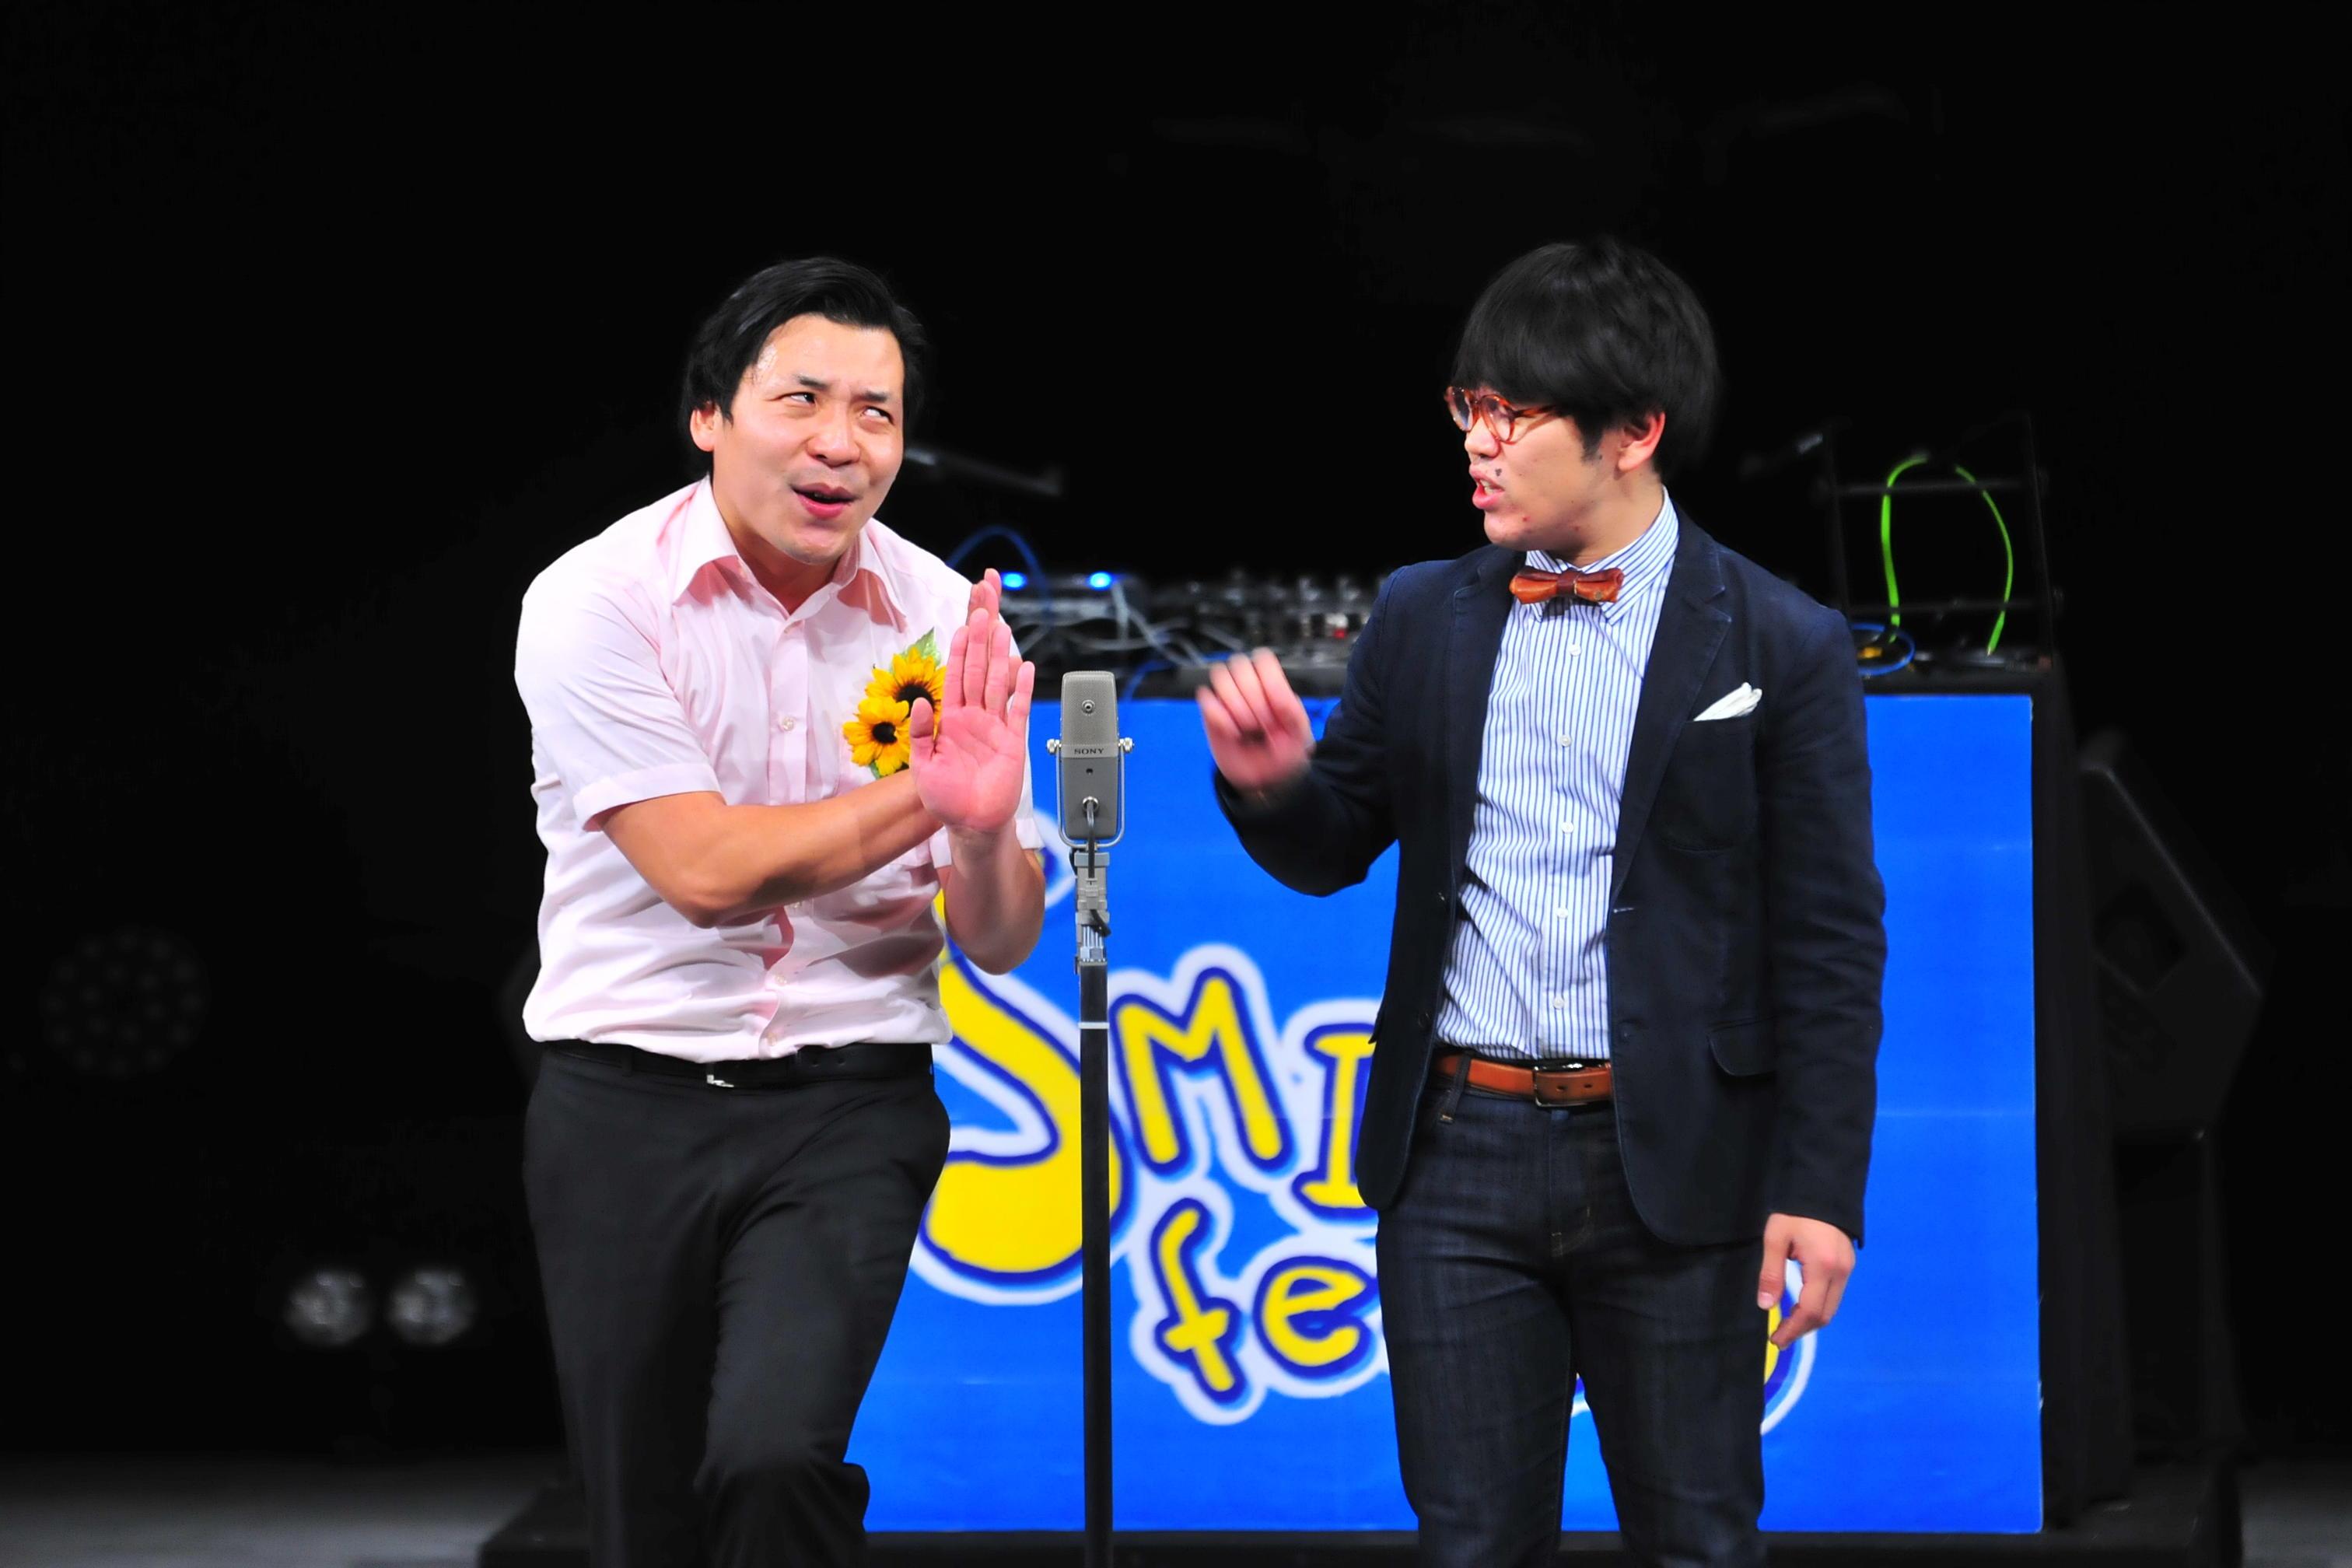 http://news.yoshimoto.co.jp/20151231142208-3559cf8d9c8d07917e733ff7614d7ea2dd4b123f.jpg